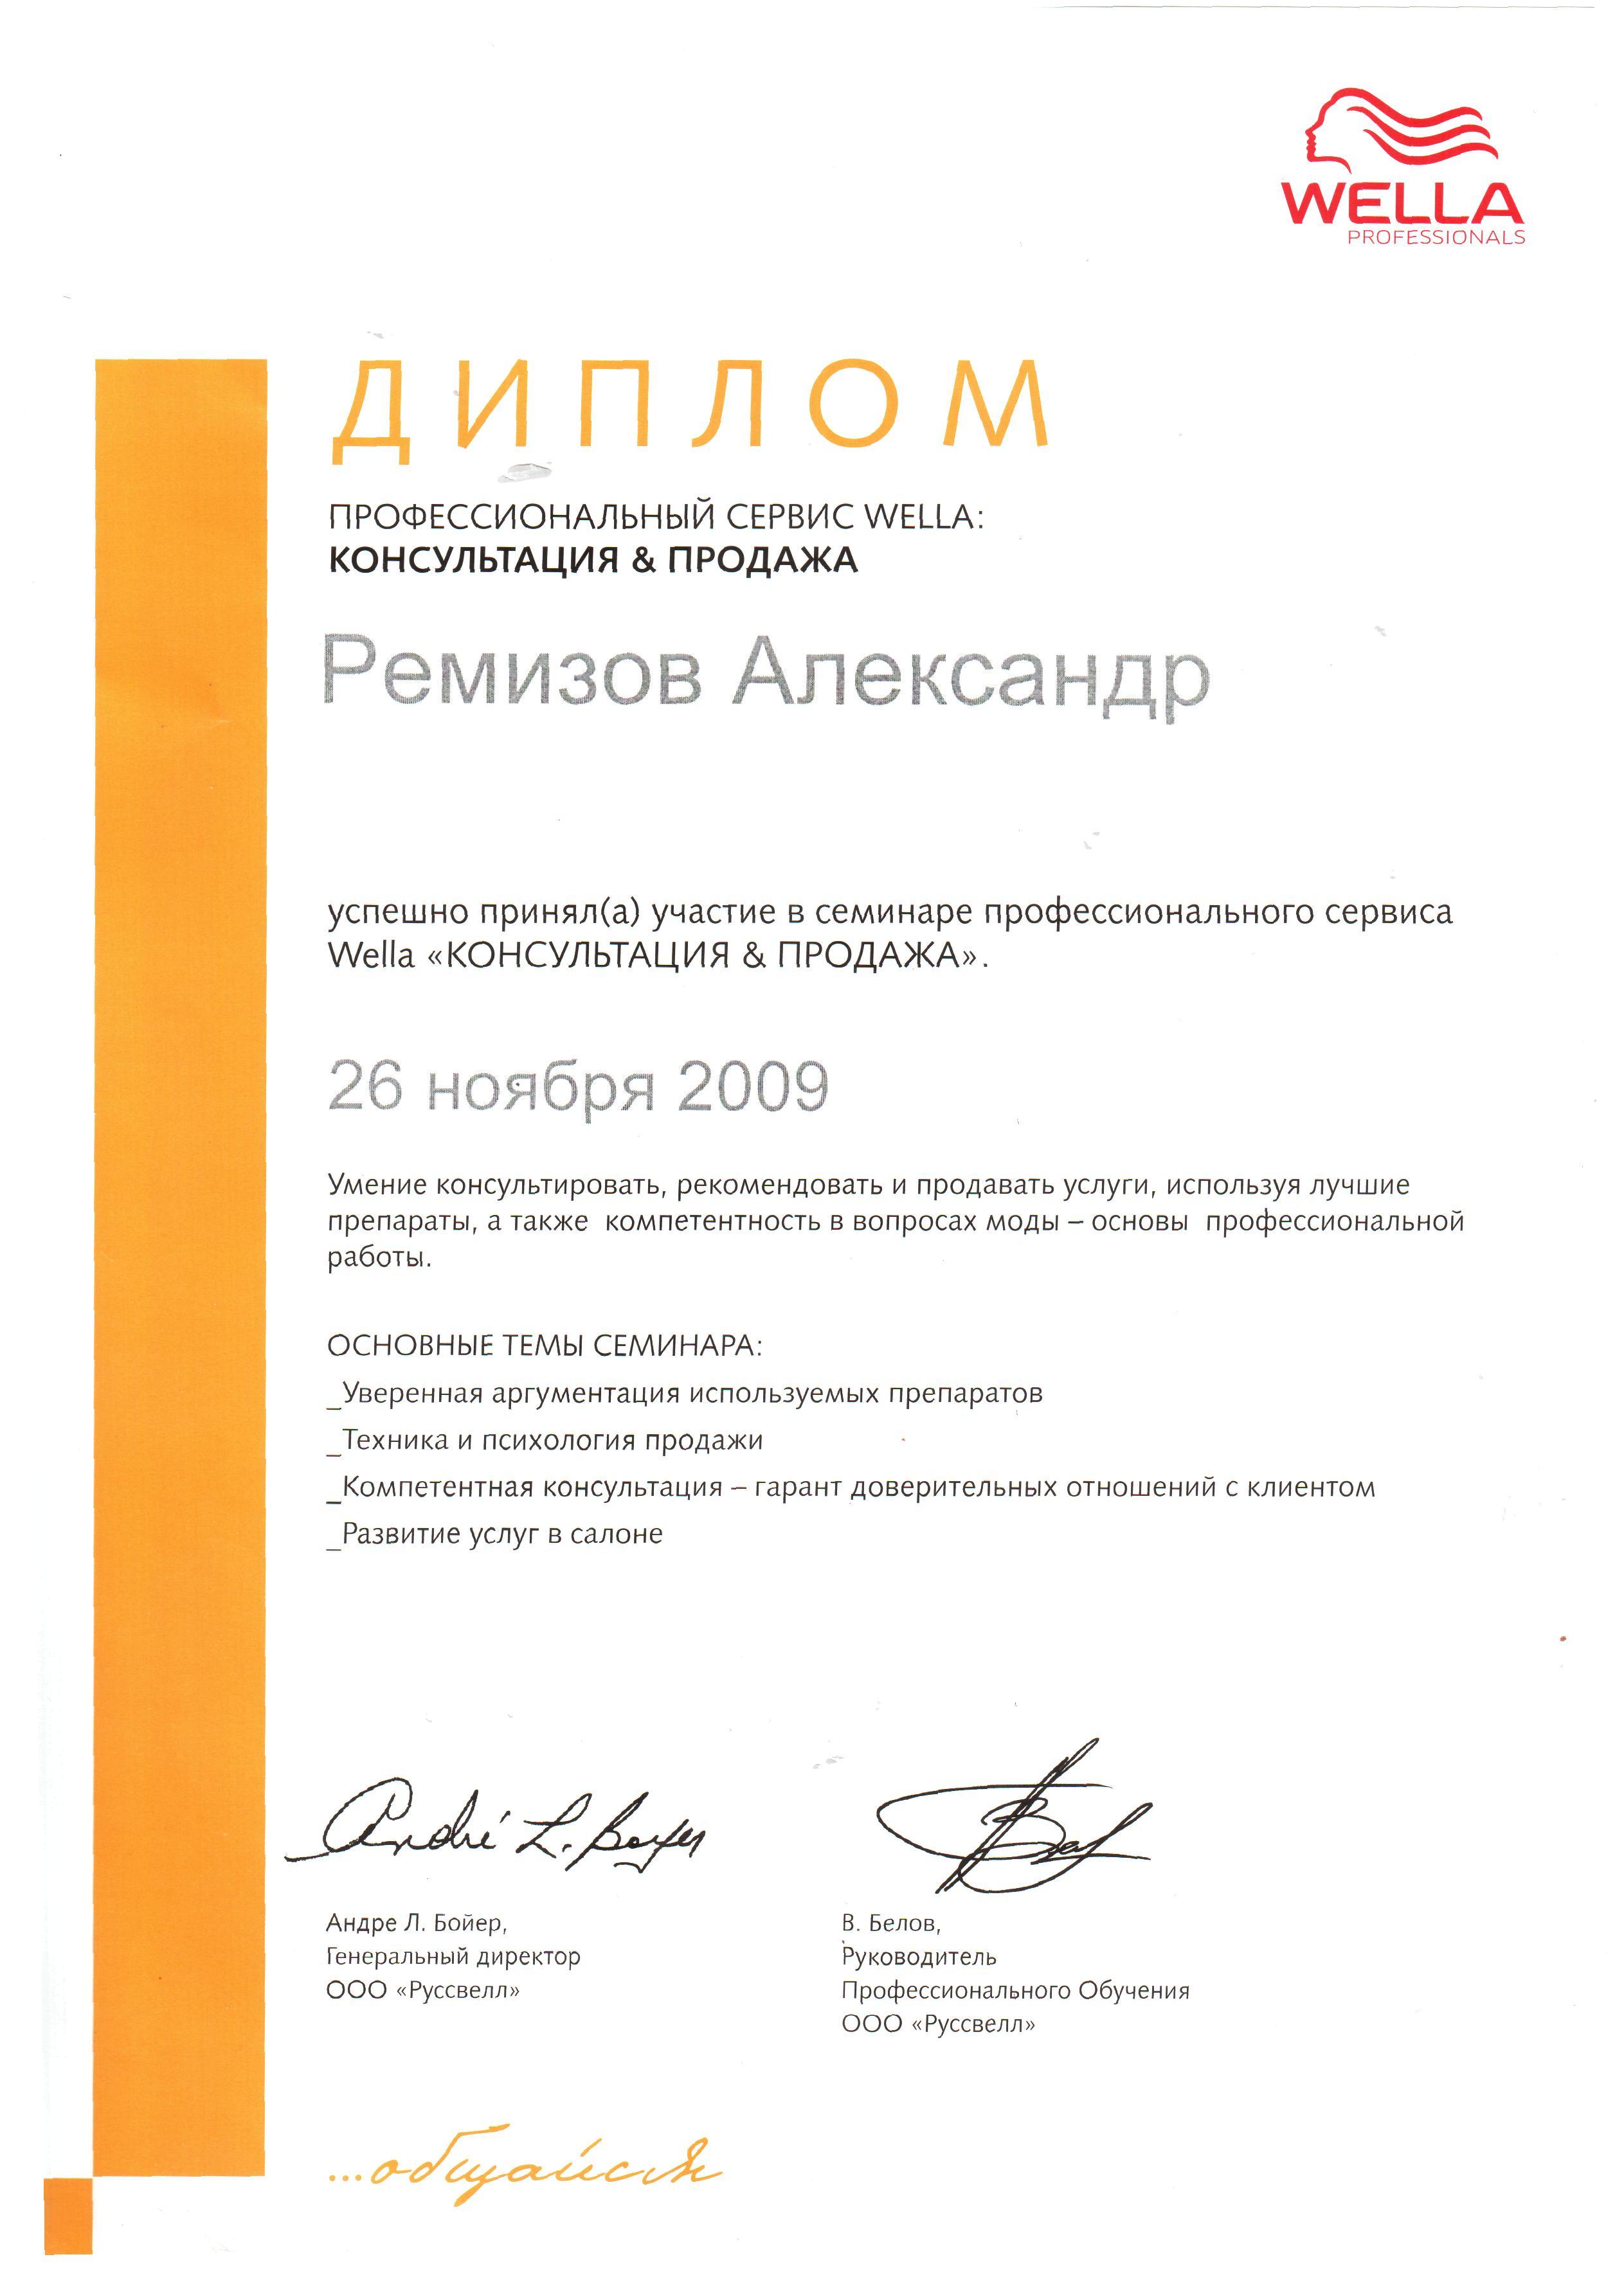 2009 консультация и продажа wella